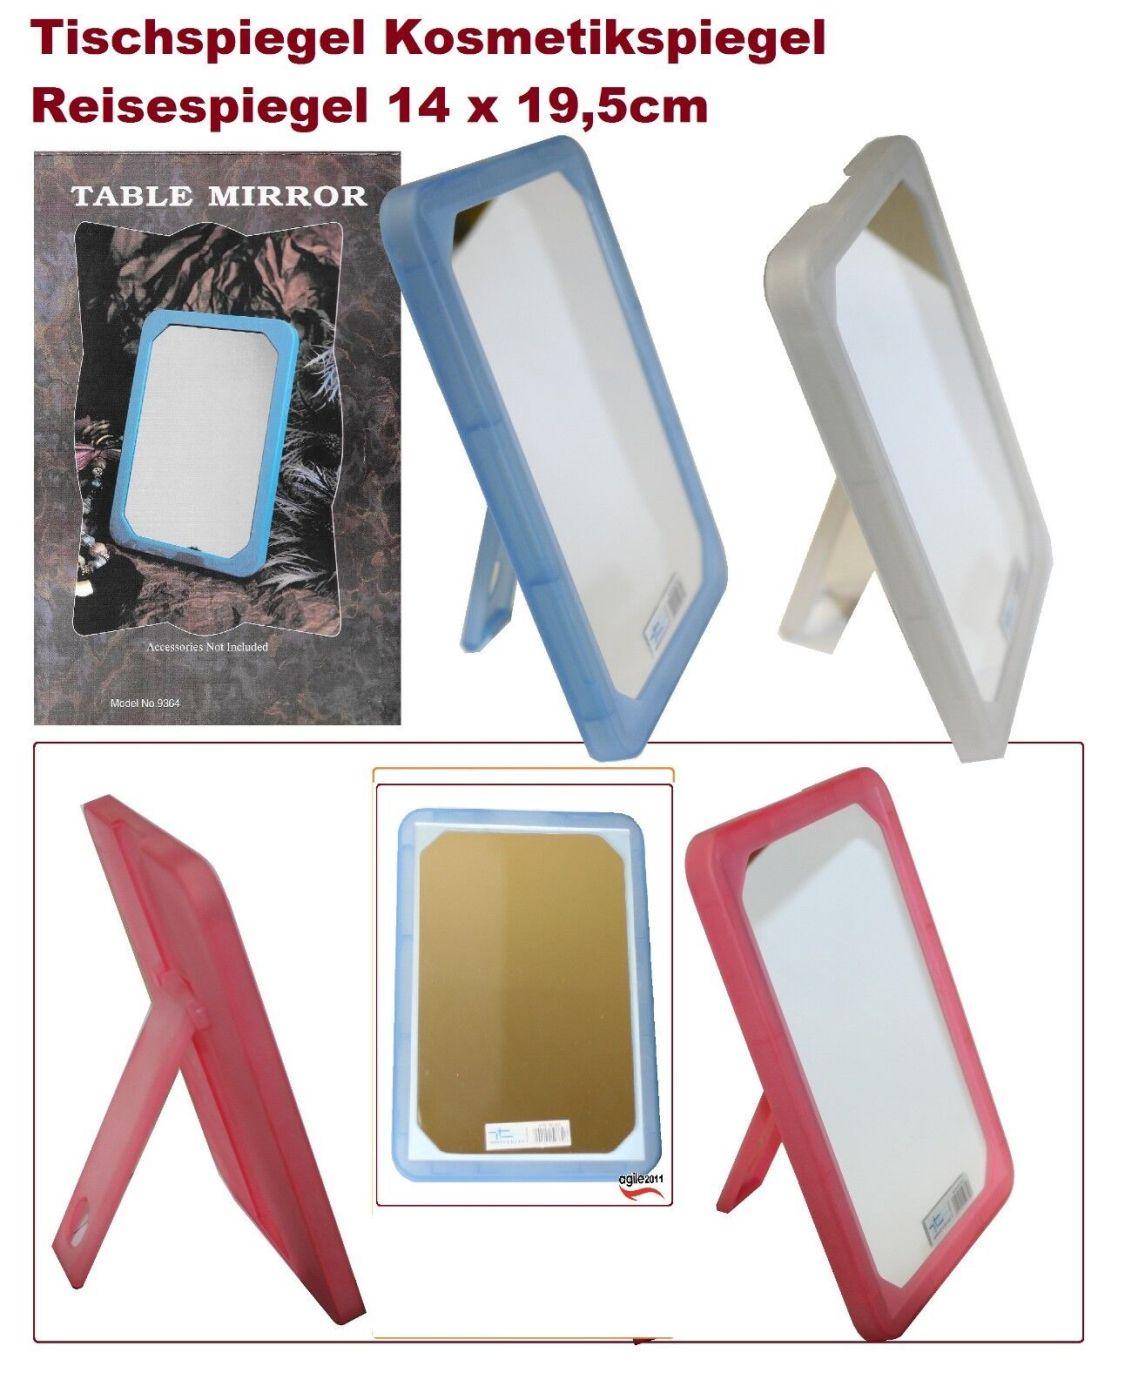 Taschenspiegel Schminkspiegel Tischspiegel Kosmetikspiegel Reisespiegel Spiegel